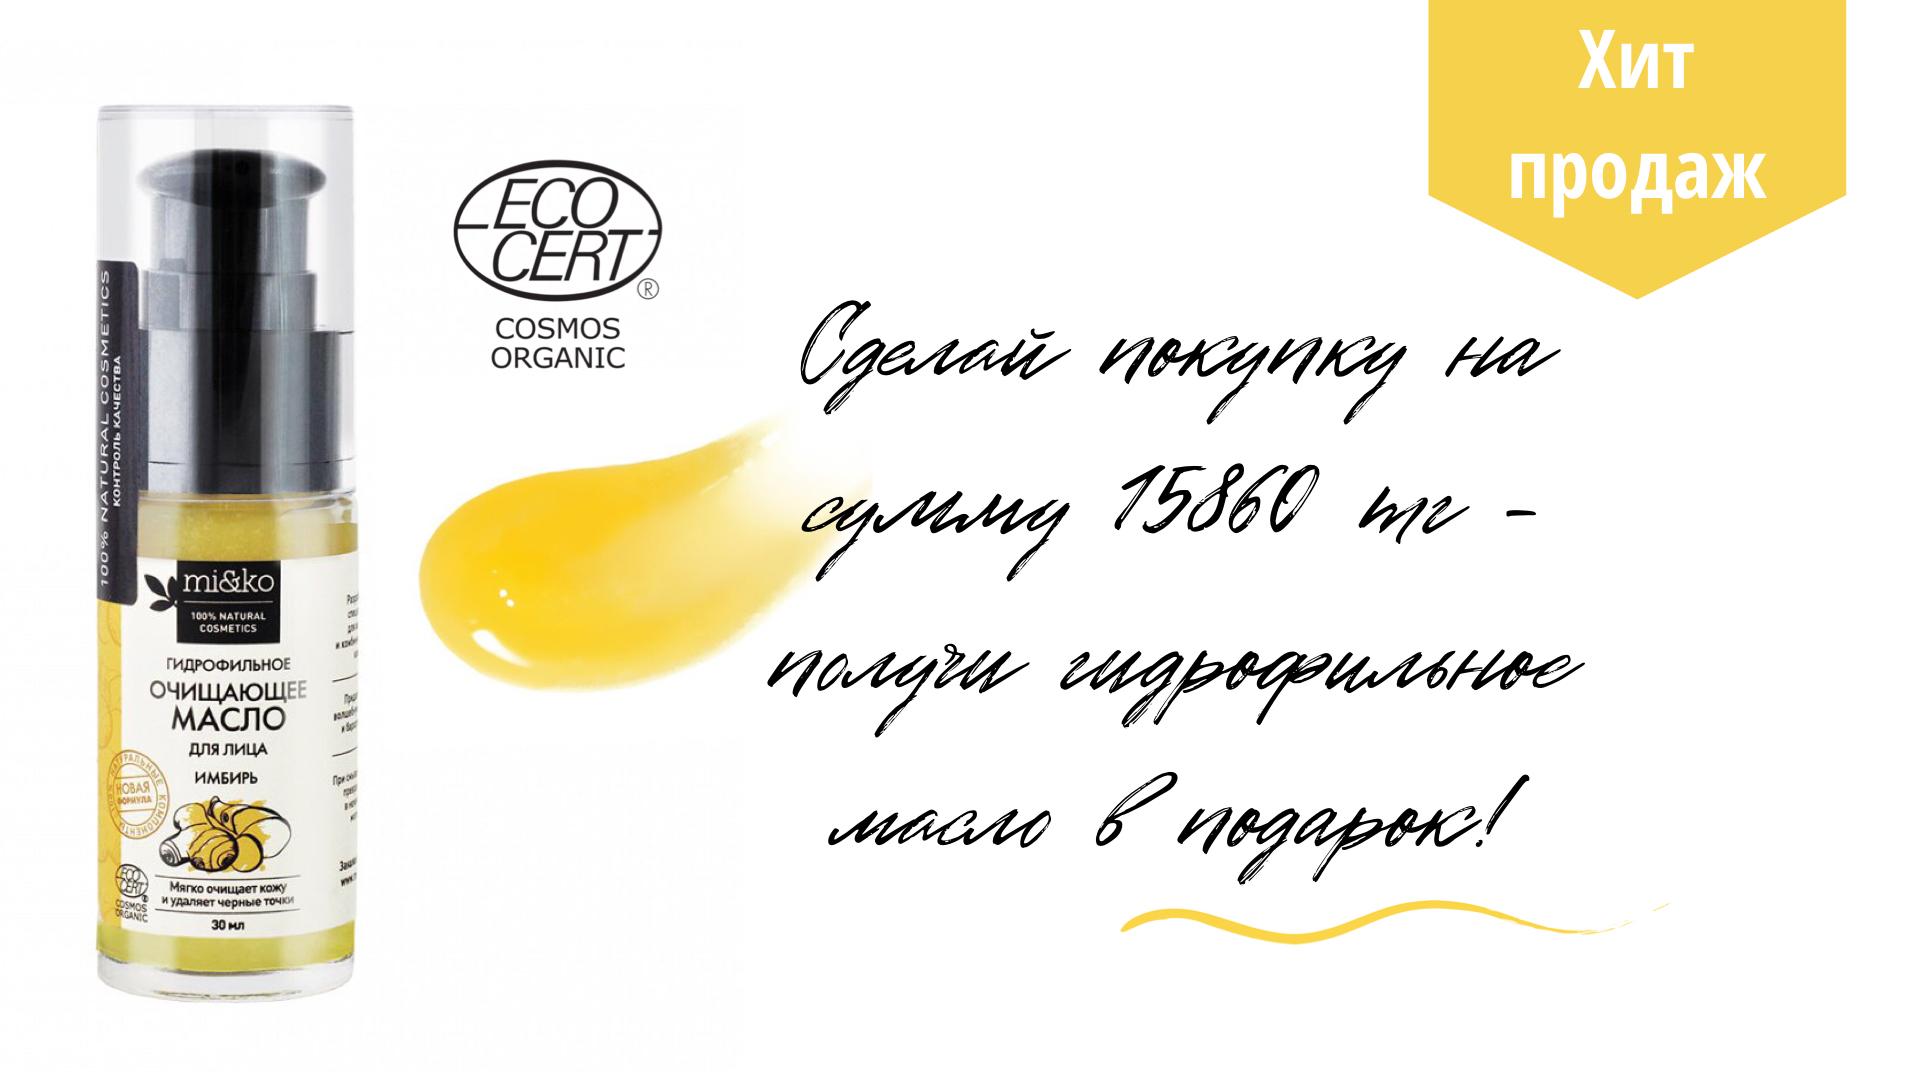 Новая версия гидрофильного масла от Mi&Ko в подарок!